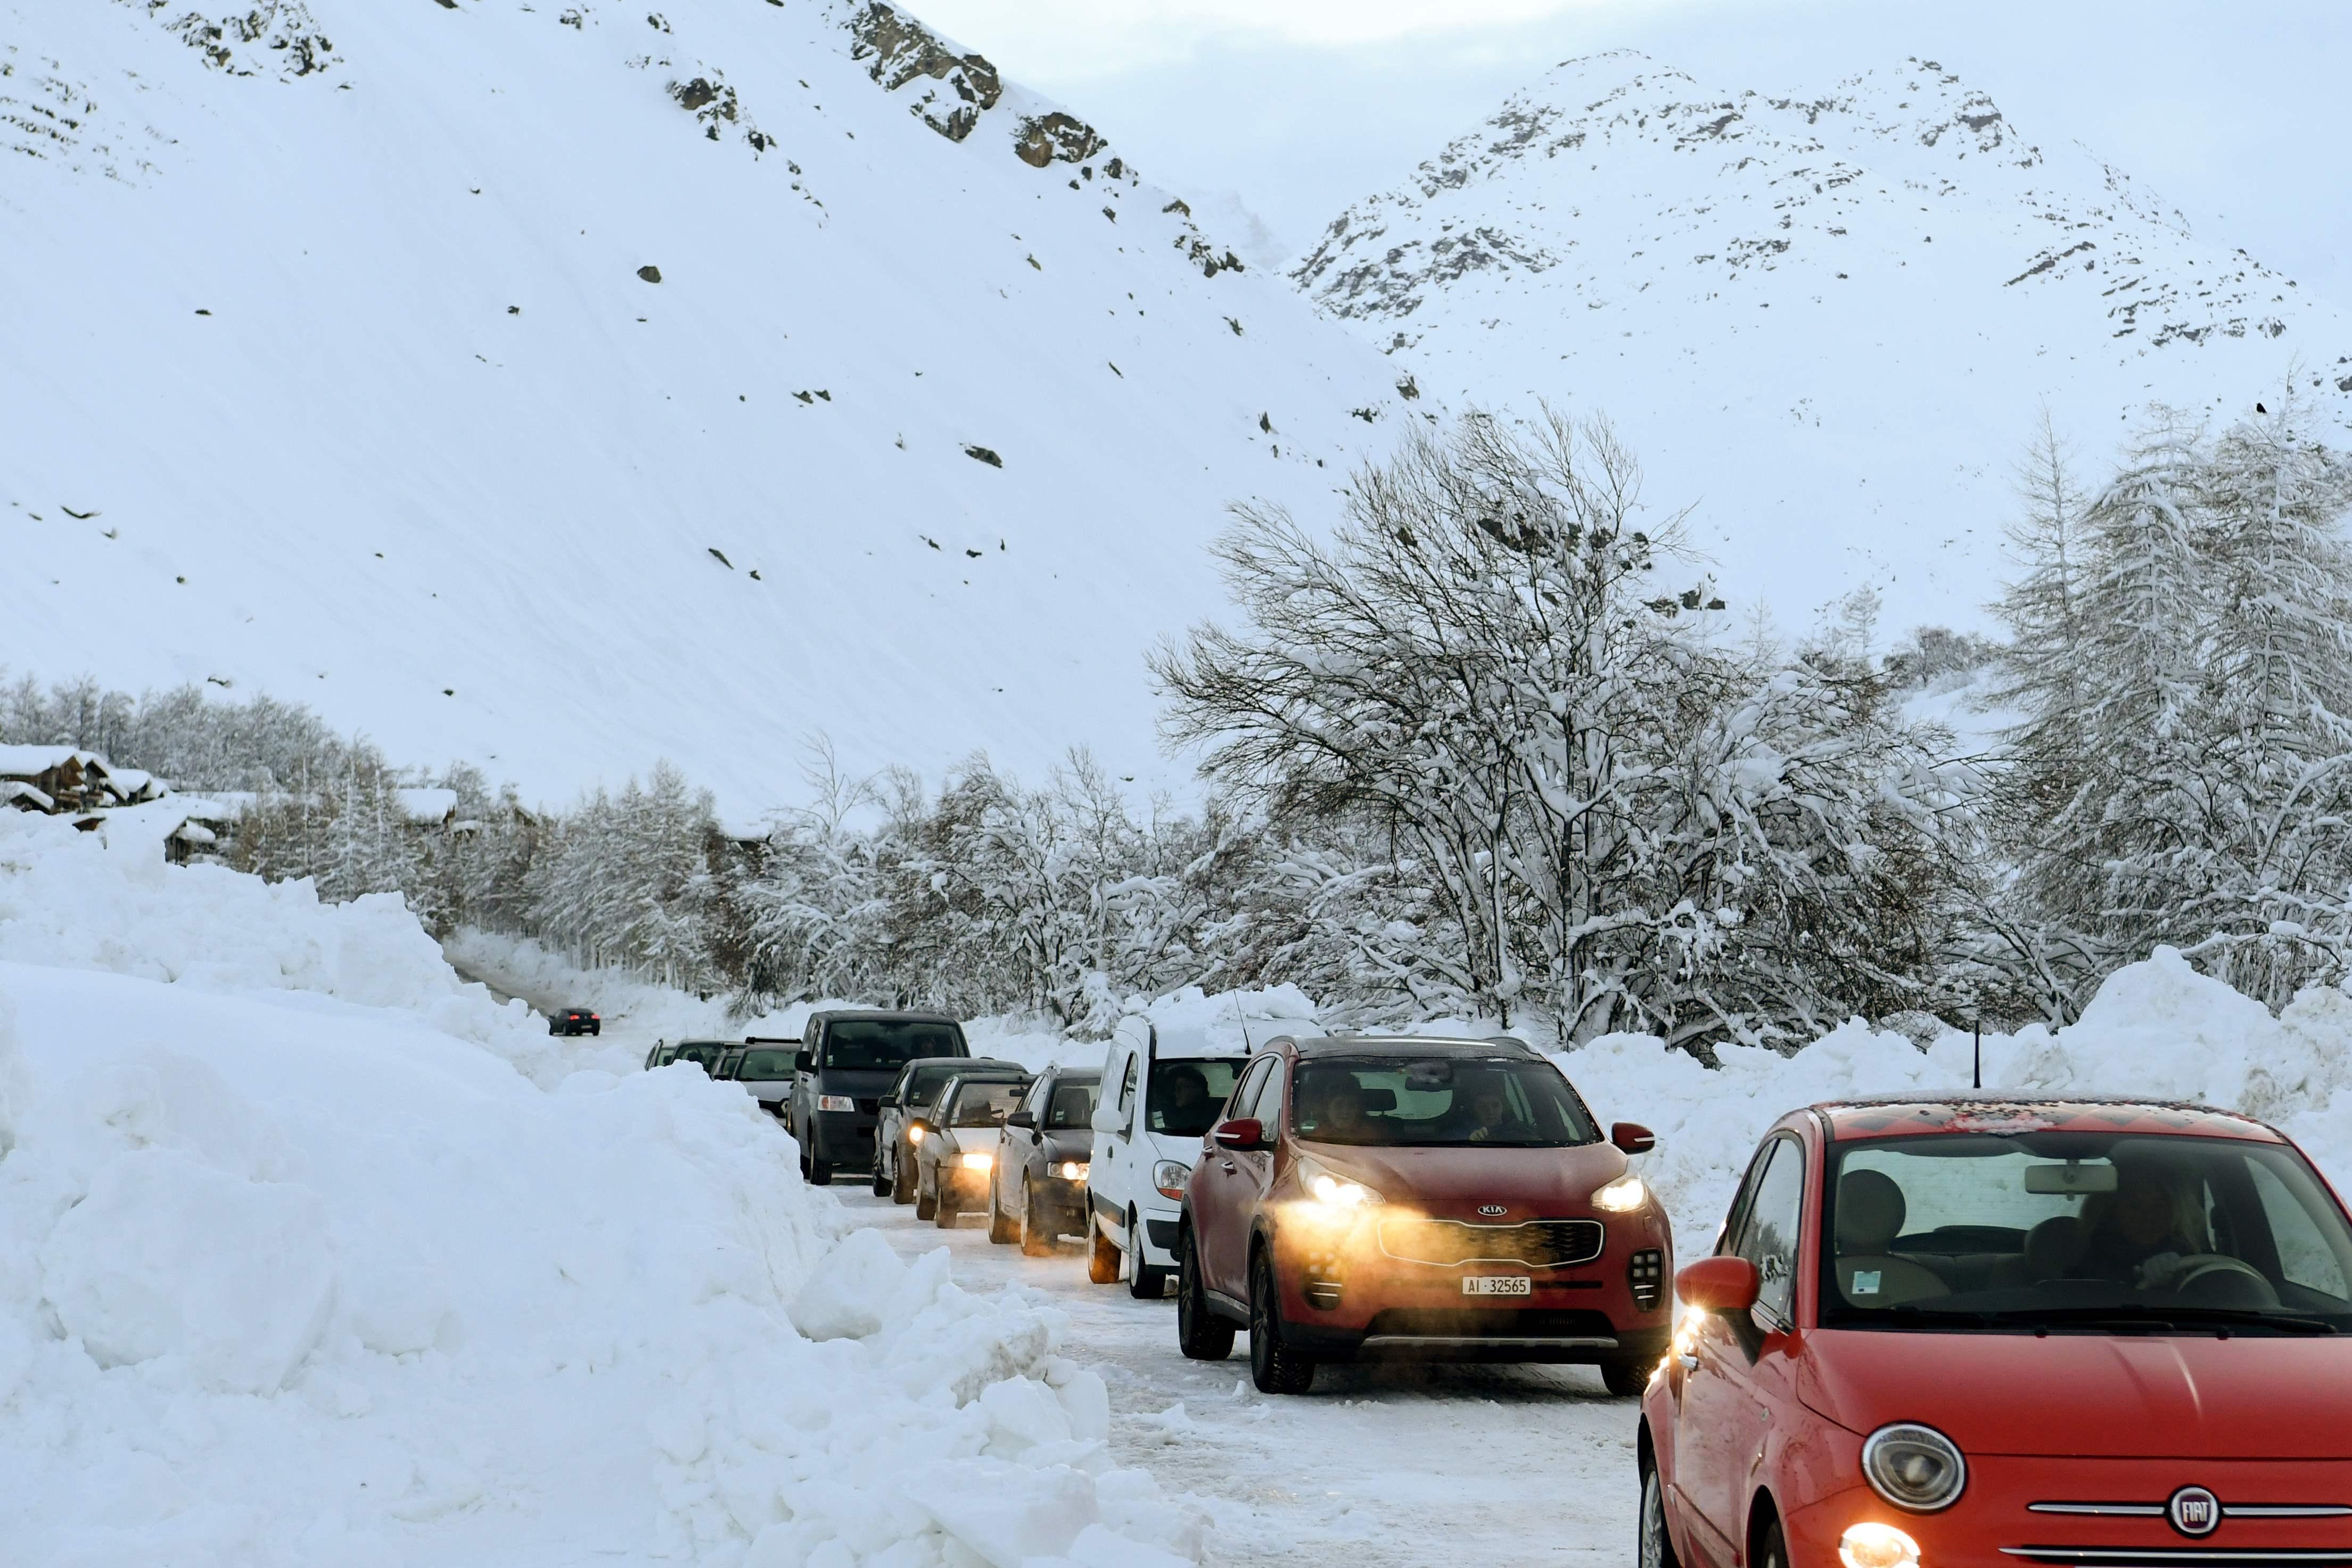 انهيارات ثلجية تشل حركة المرور فى فرنسا